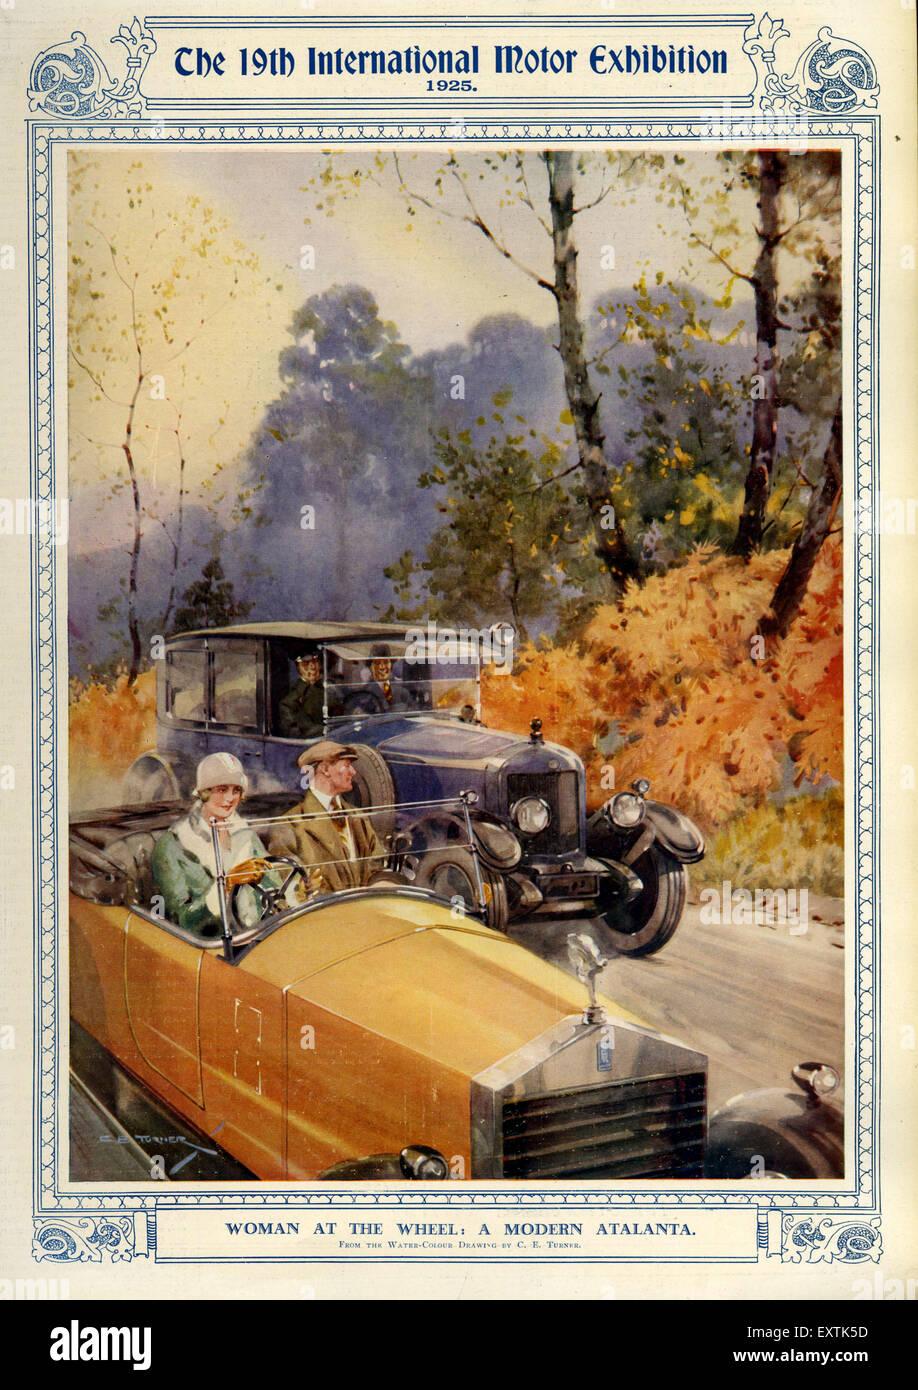 1920er Jahre UK Motor Ausstellung Magazin Platte Stockbild